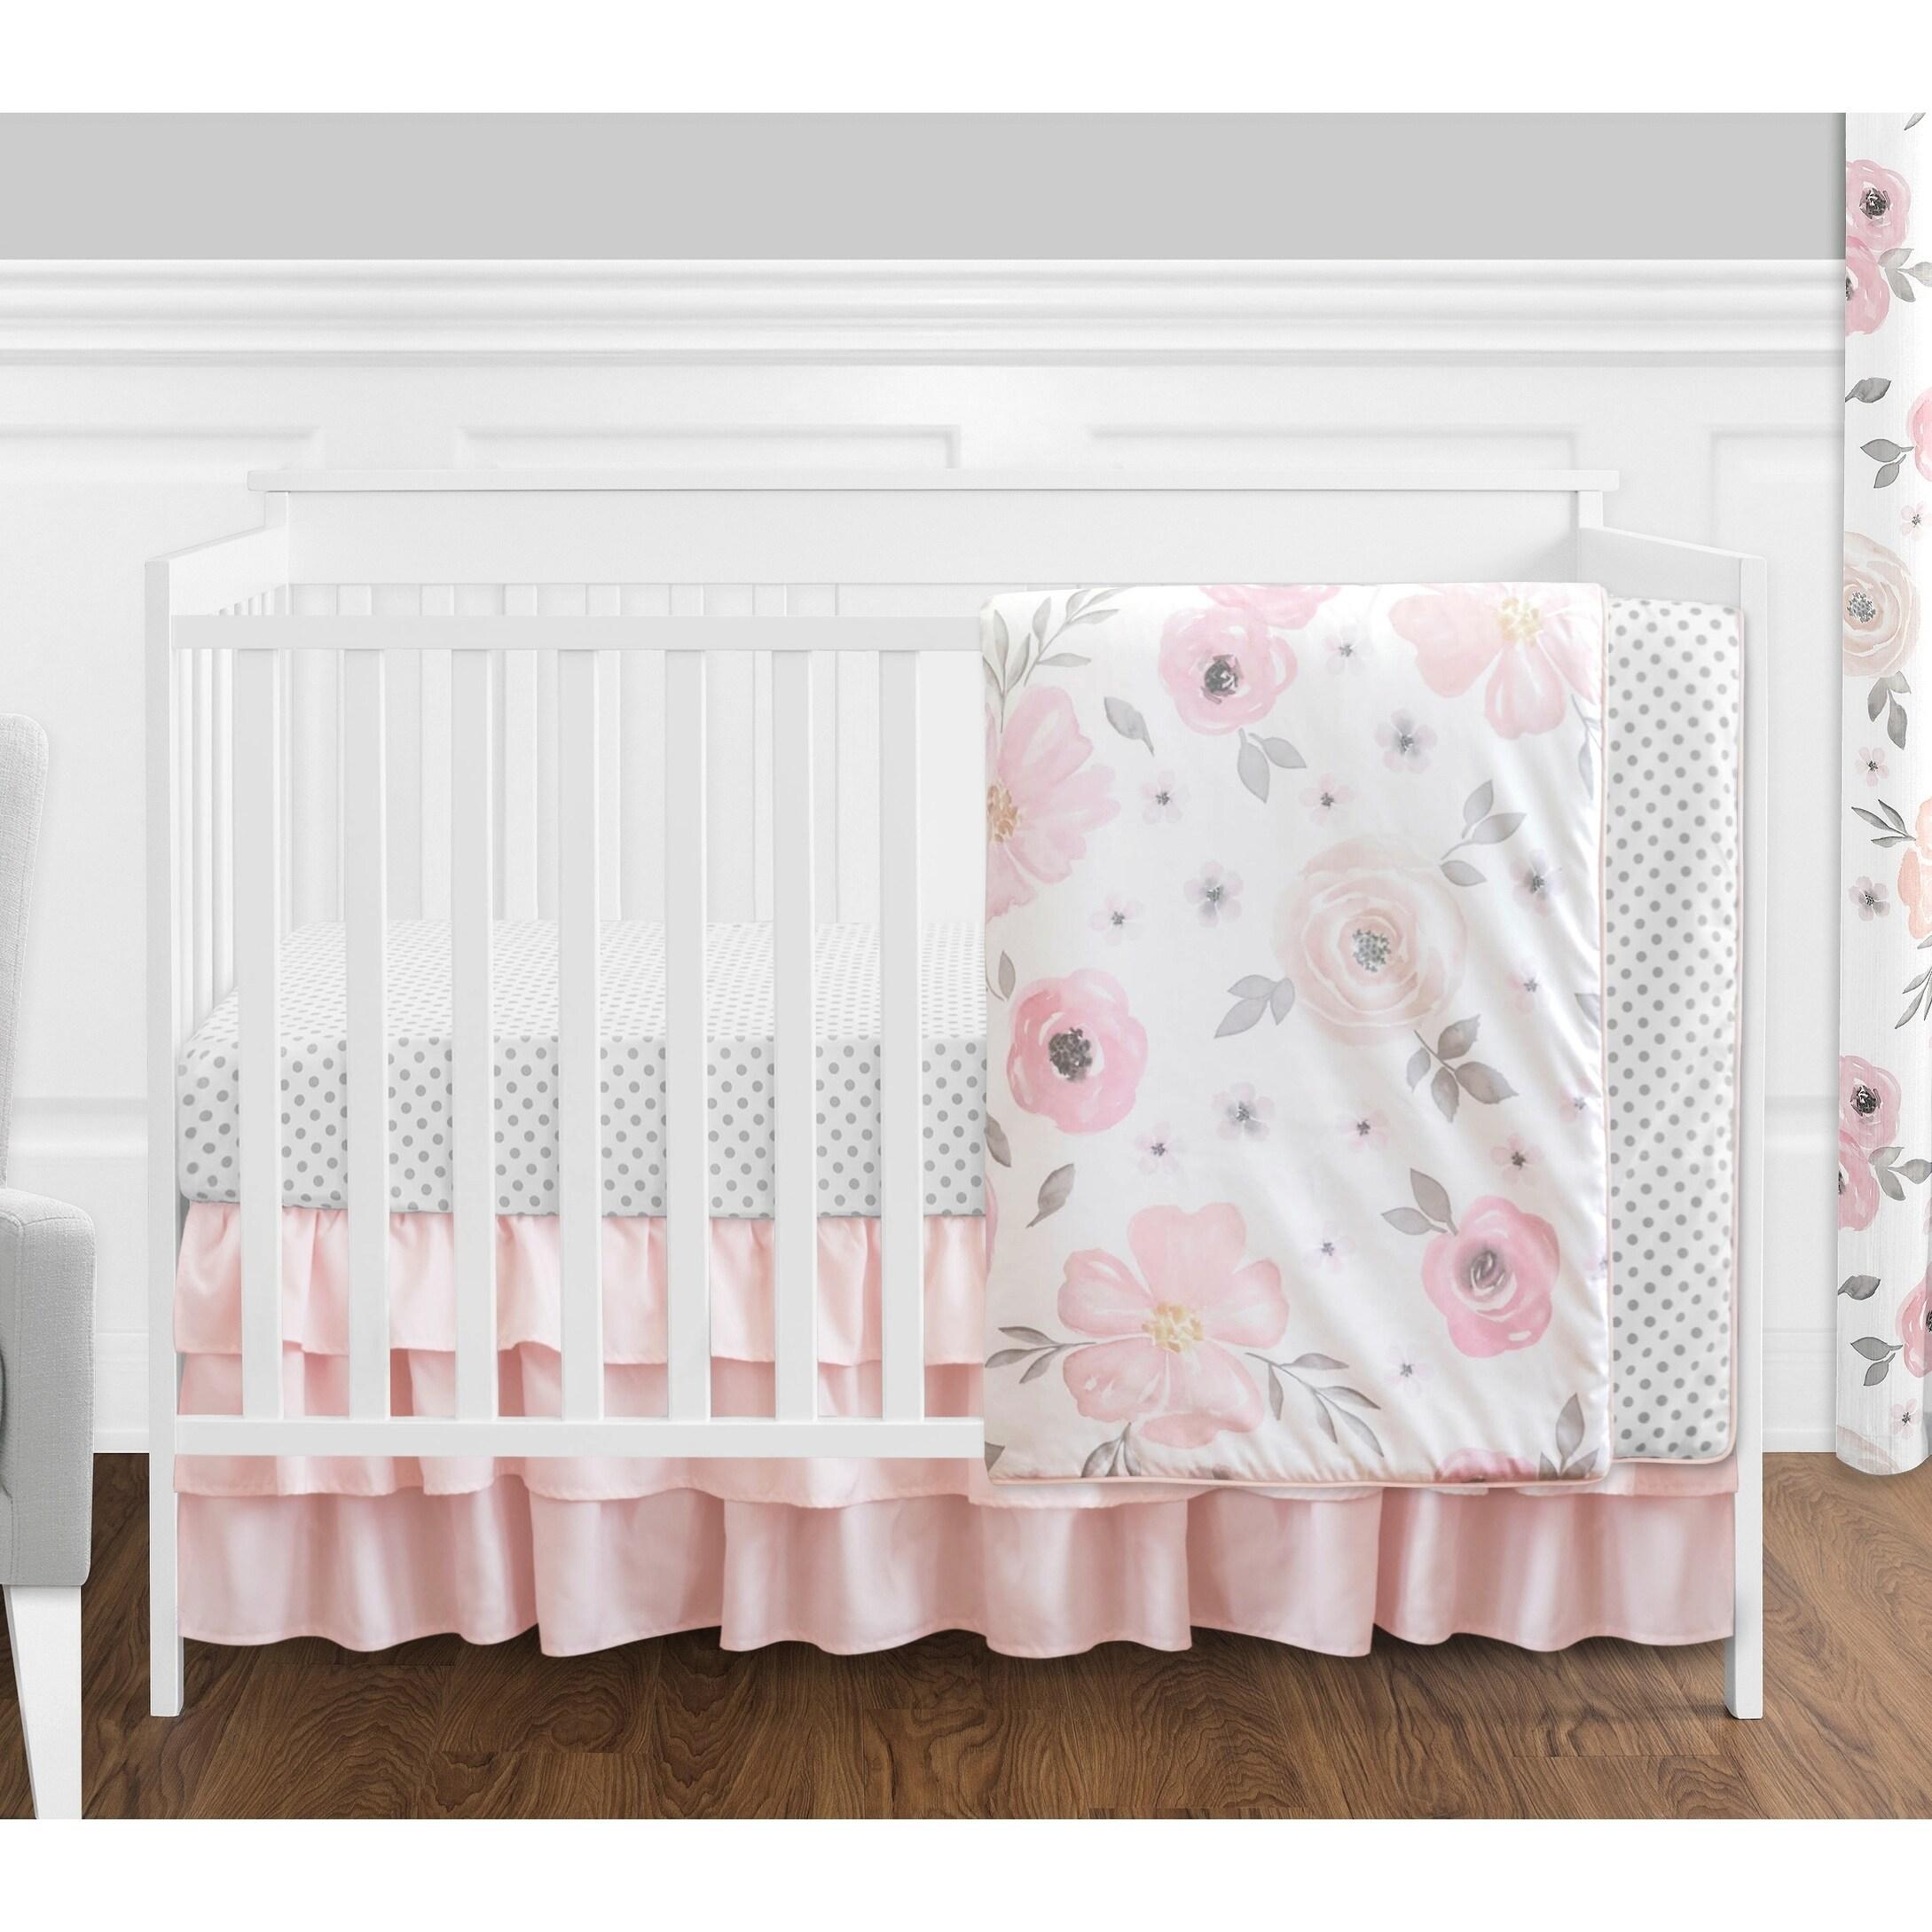 274e6818c8fe Shop Sweet Jojo Designs Pink